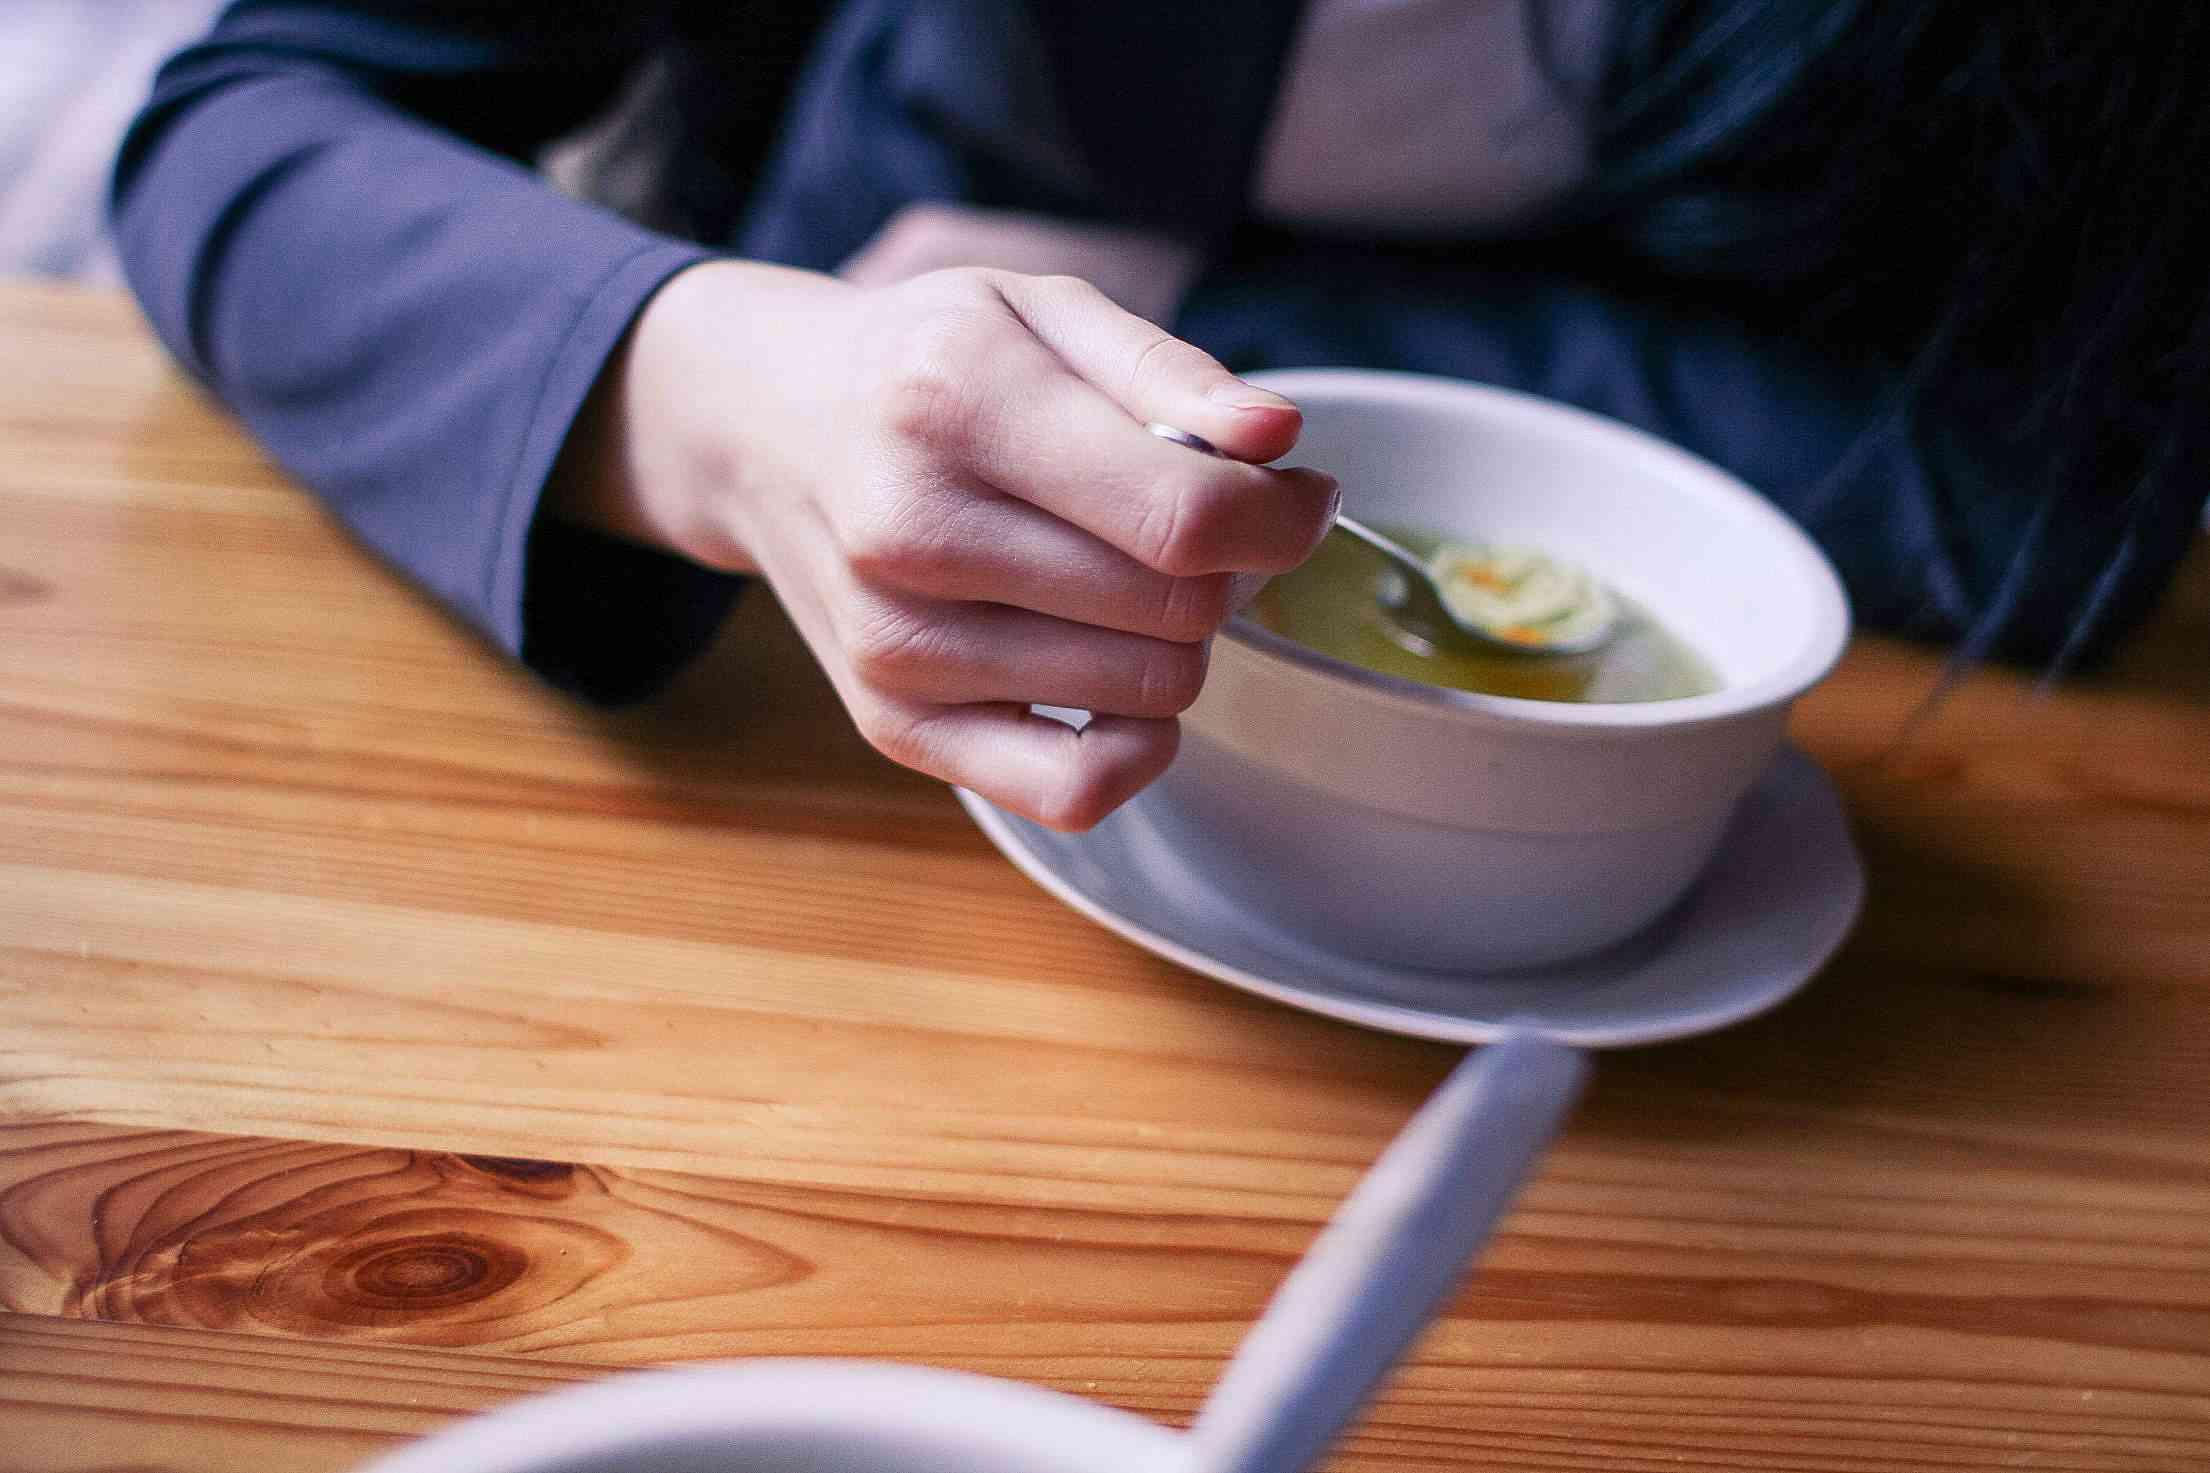 3. 白蘿蔔湯 在喝酒的後一天,喝點白蘿蔔湯的話, 胃部也會沒這麼難受,可以達到醒酒的作用。